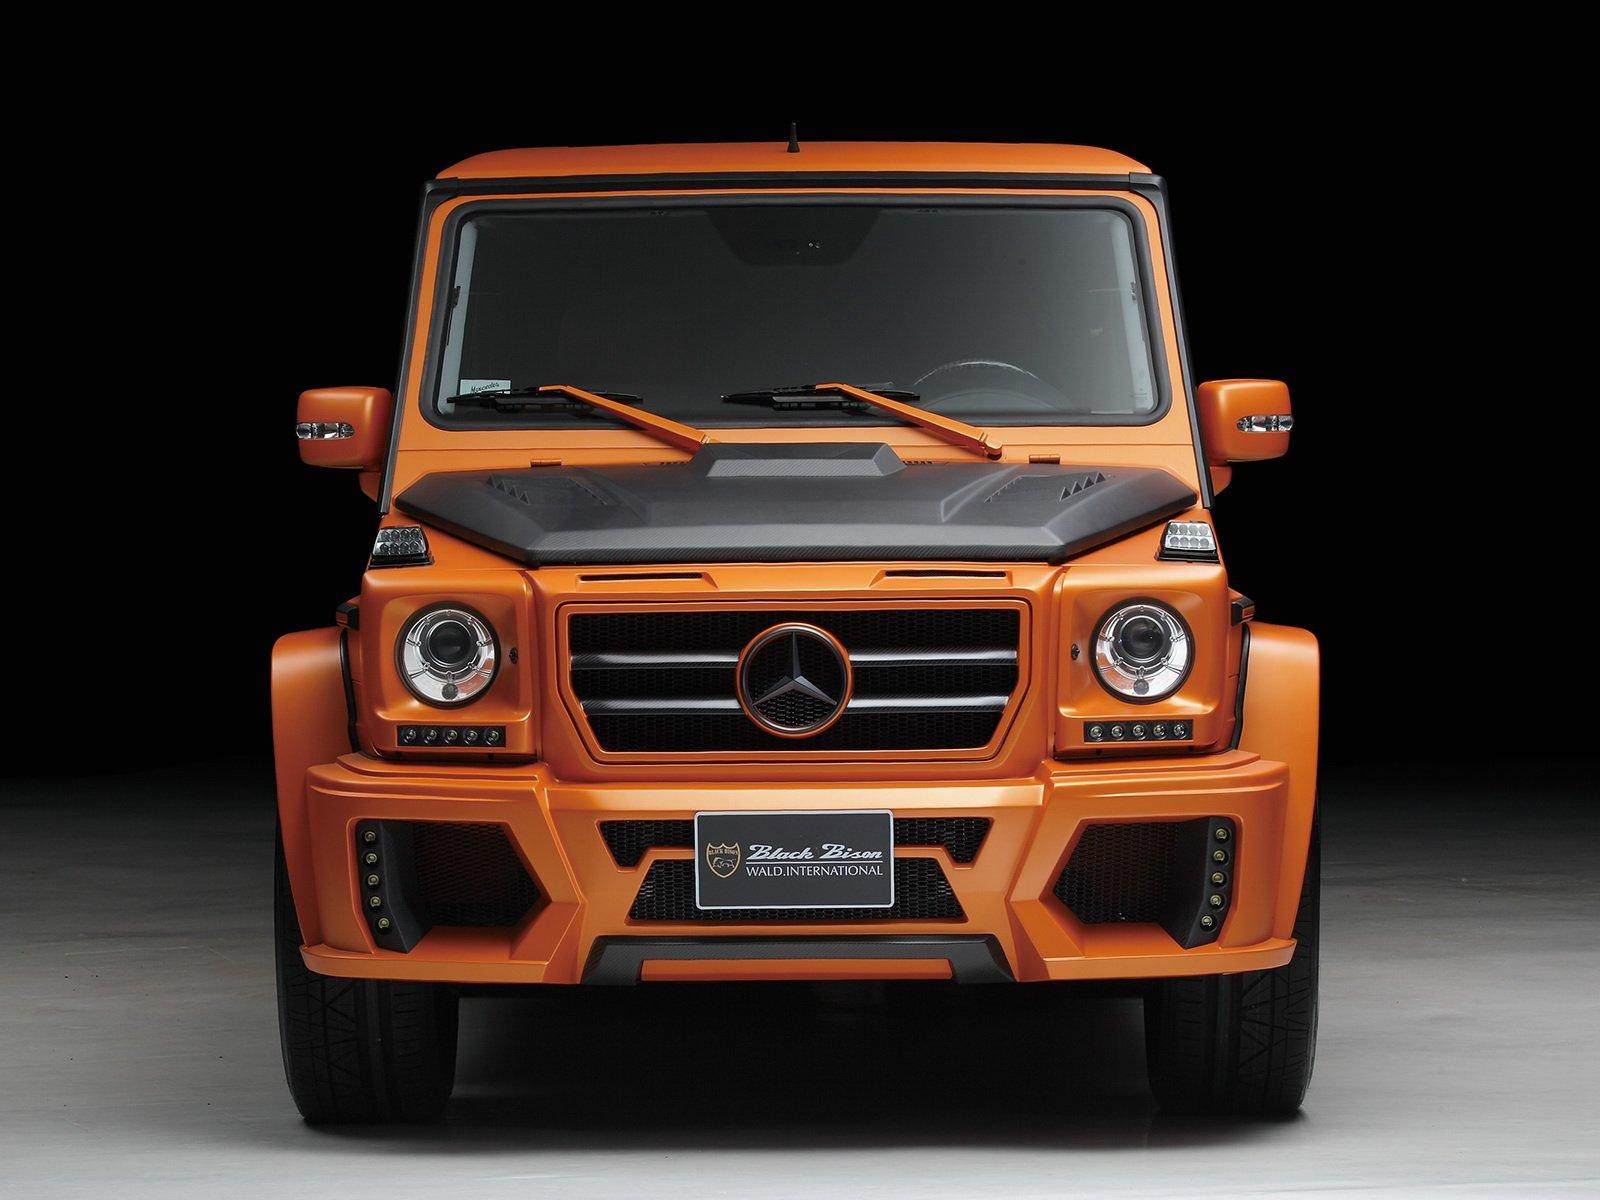 2012 wald mercedes benz g klasse sports line black bison. Black Bedroom Furniture Sets. Home Design Ideas